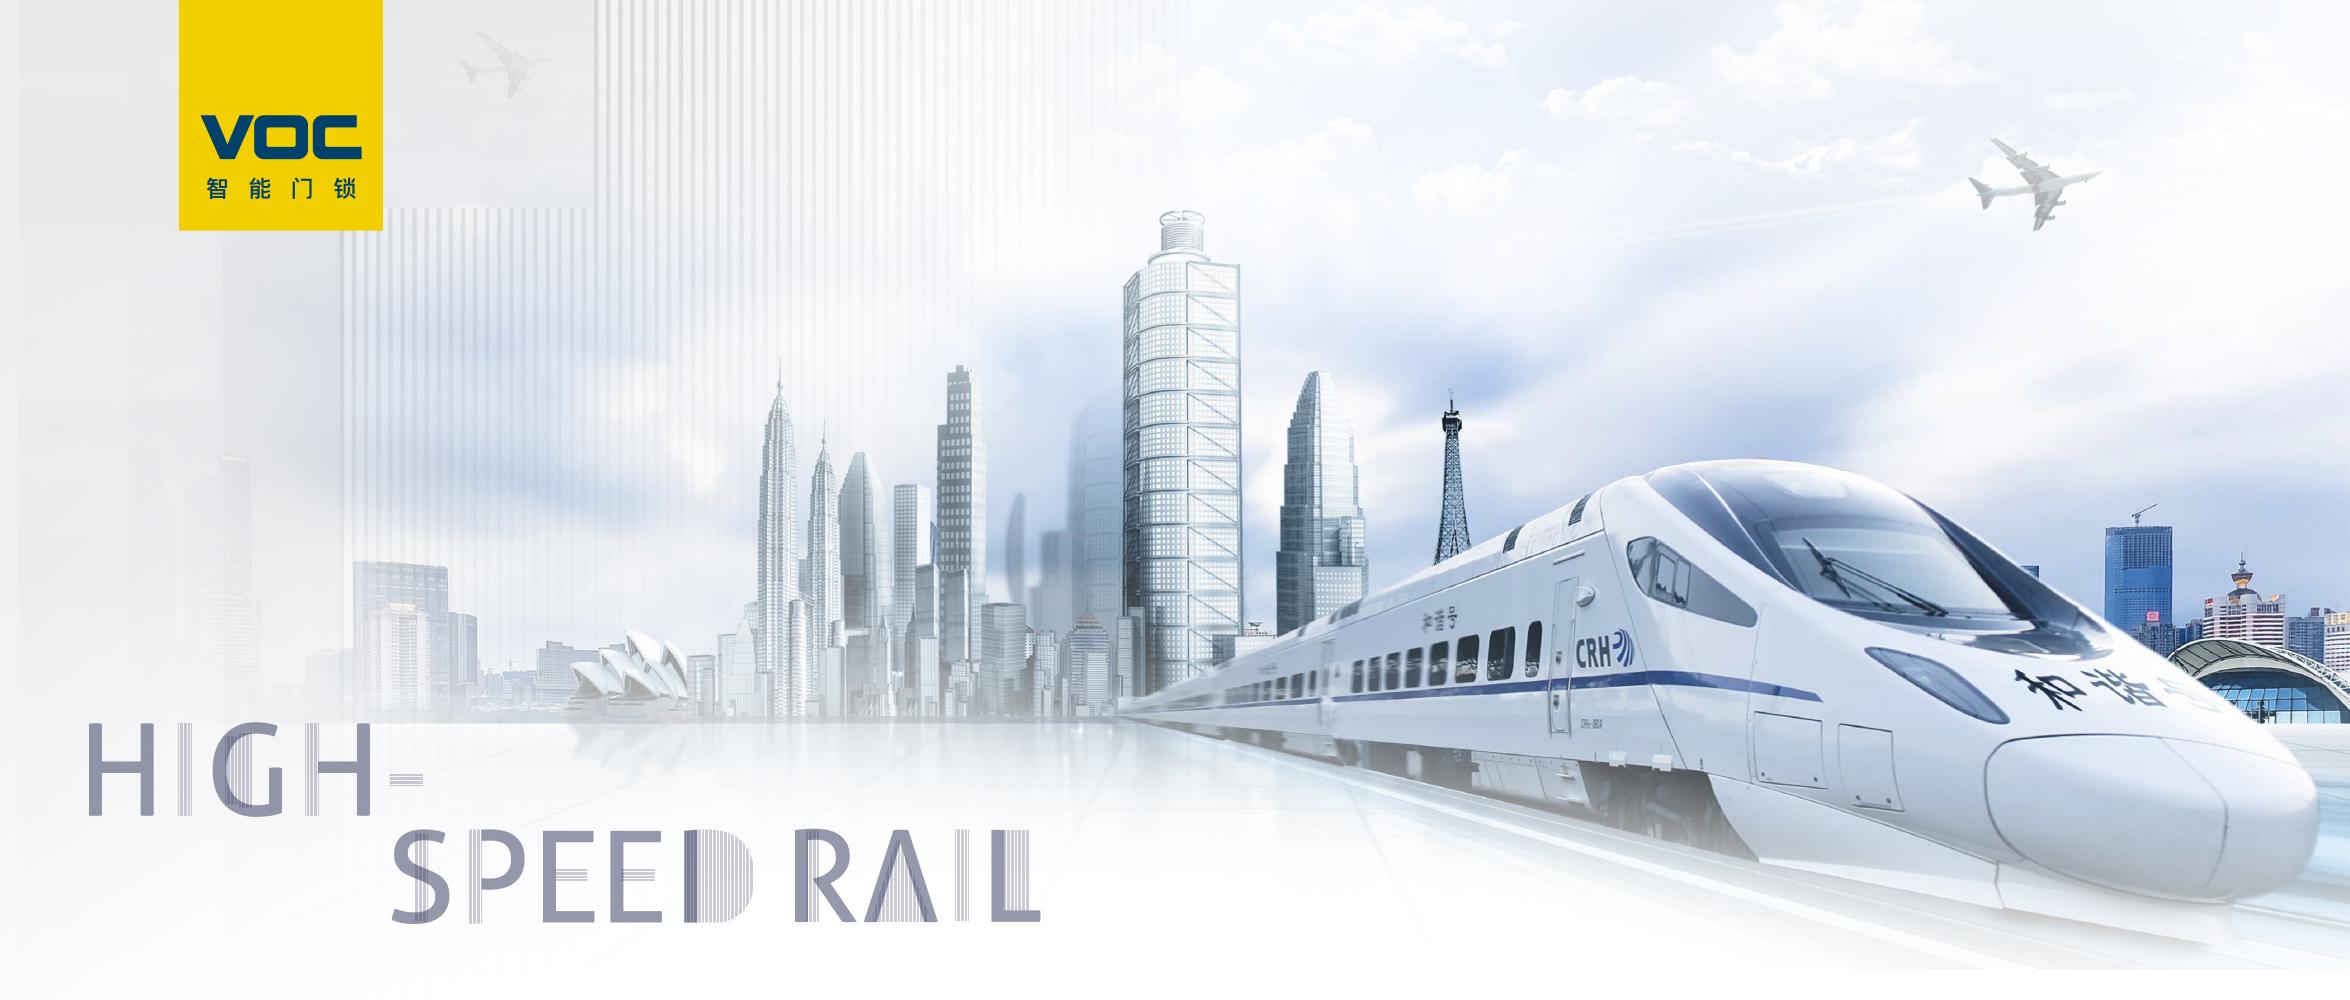 品牌Highlight | 接轨中国速度,VOC智能锁和谐号列车广告全面上线,硬核霸屏!